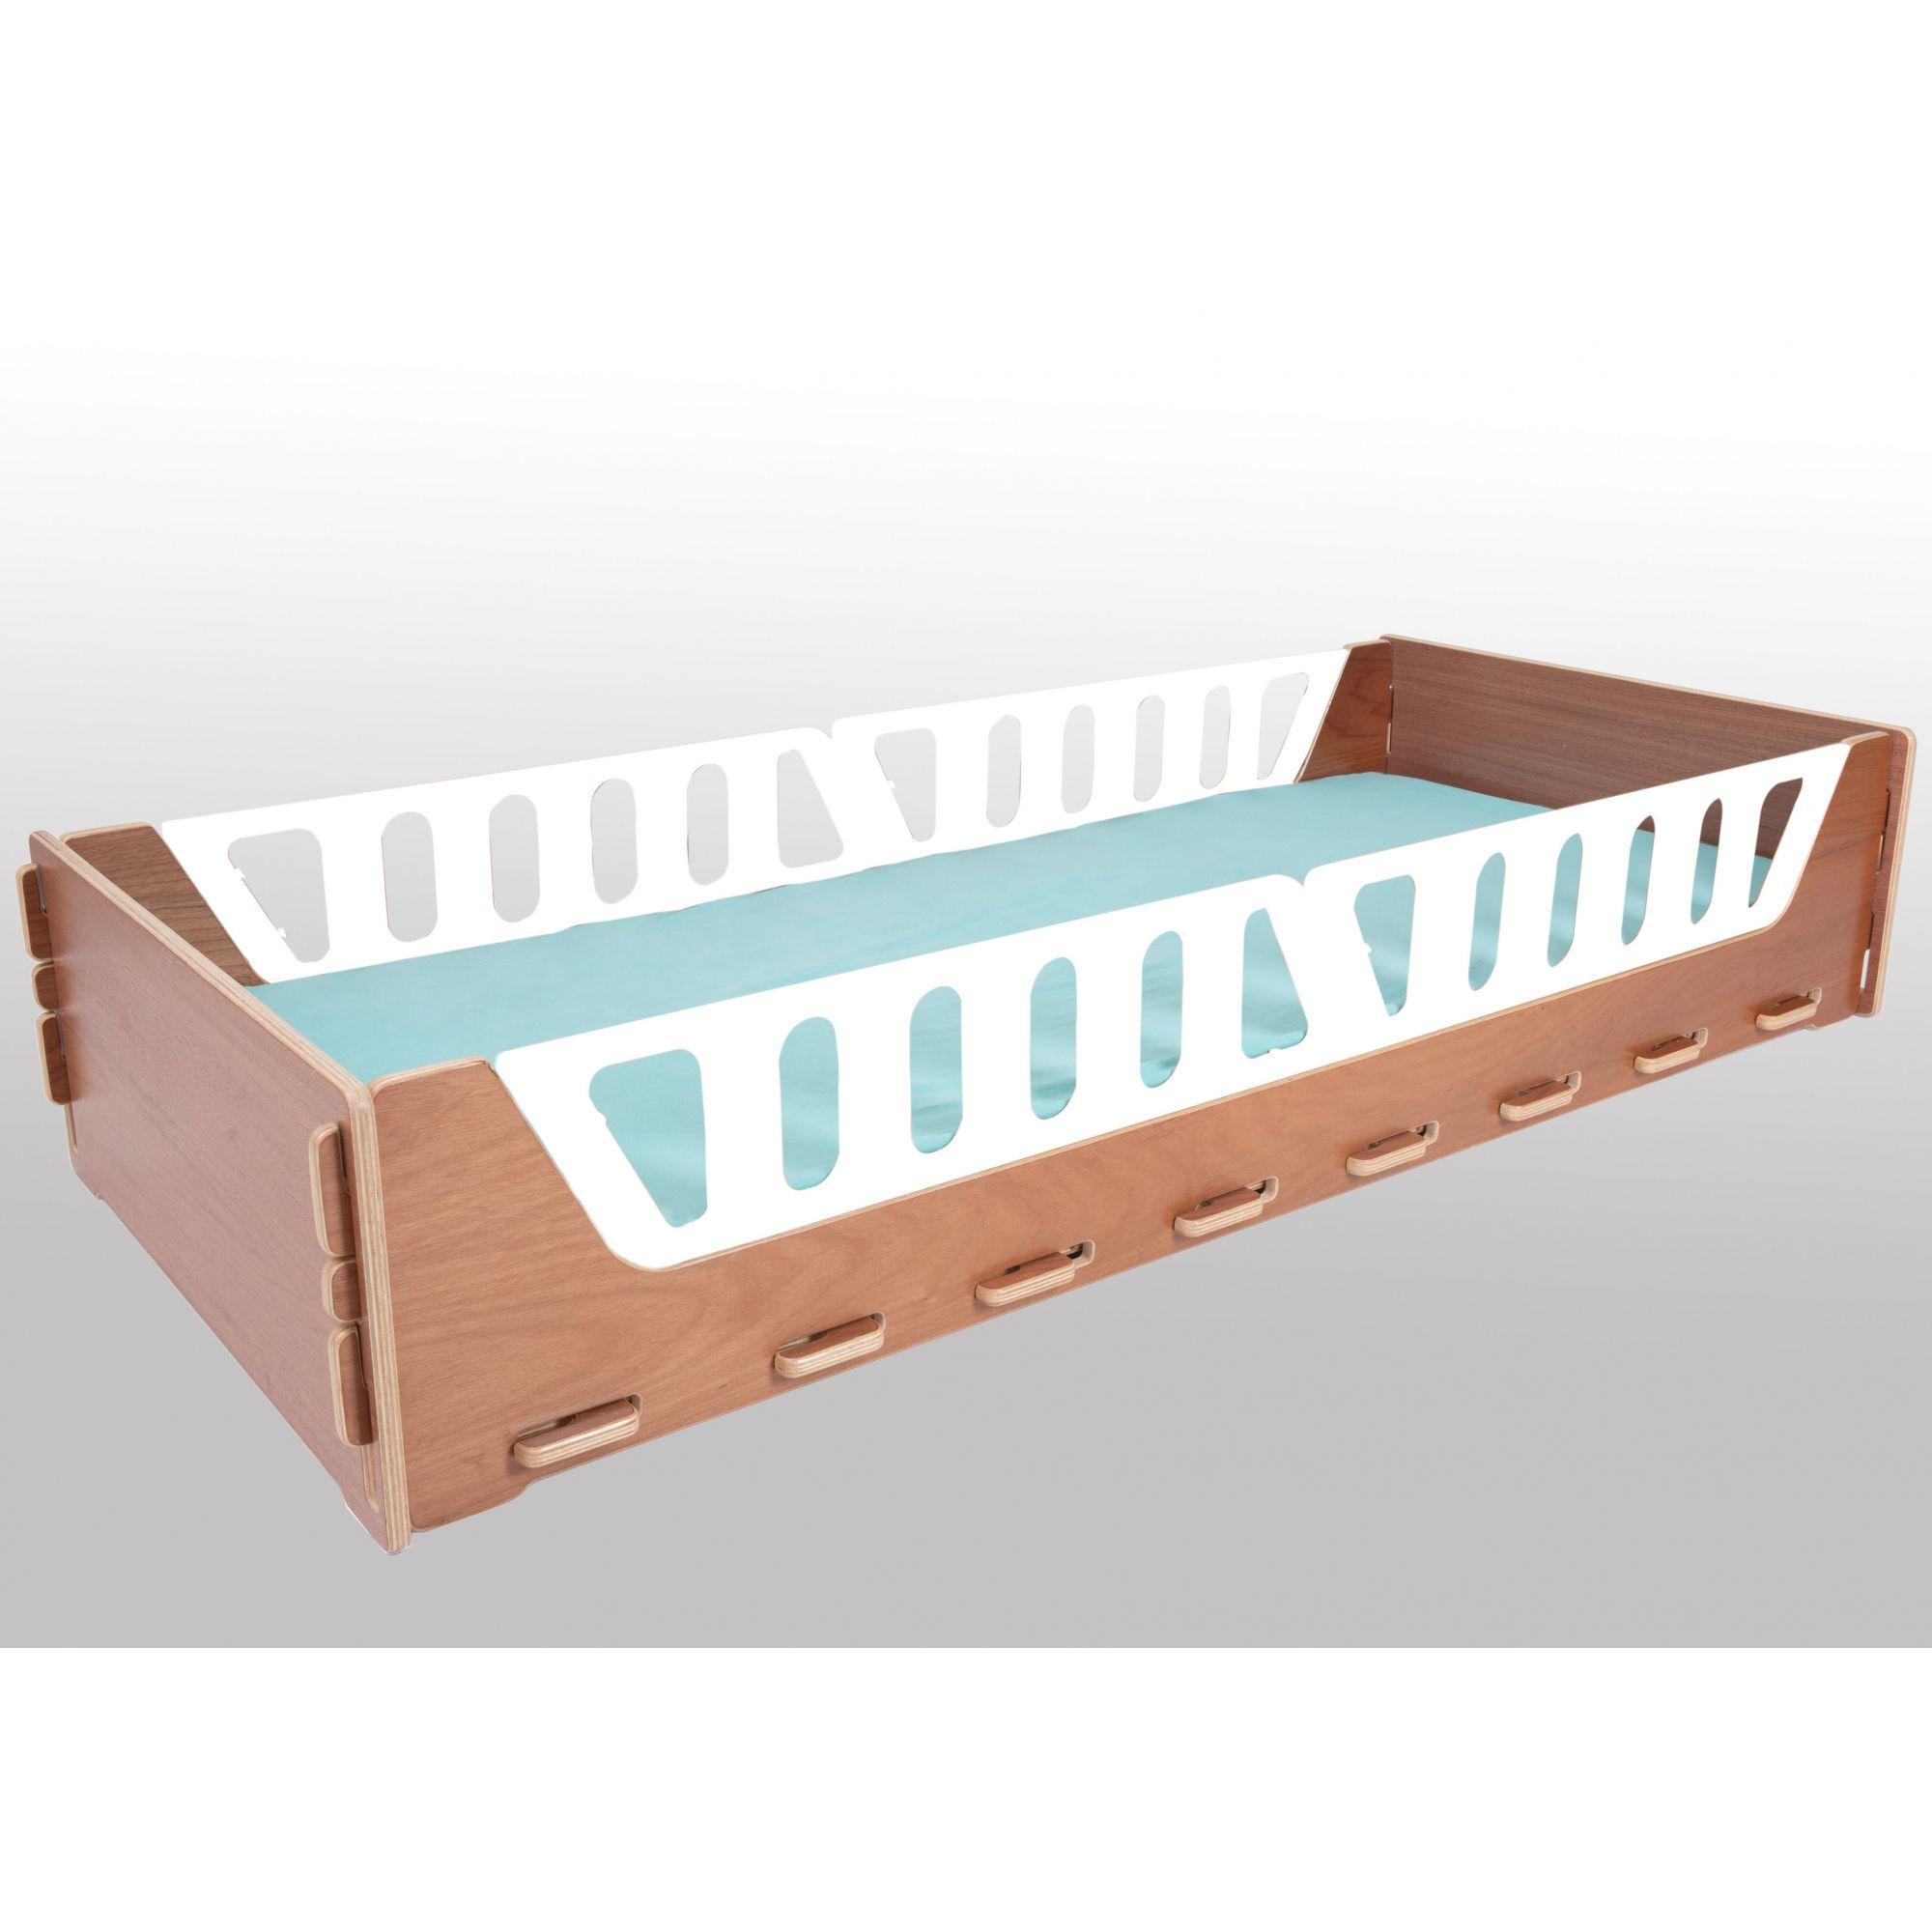 Cama e Mini Cama Girassol 2 Coleção Nature (Jequitibá/Marfim) PLUS + Kit para ter grades na posição alta